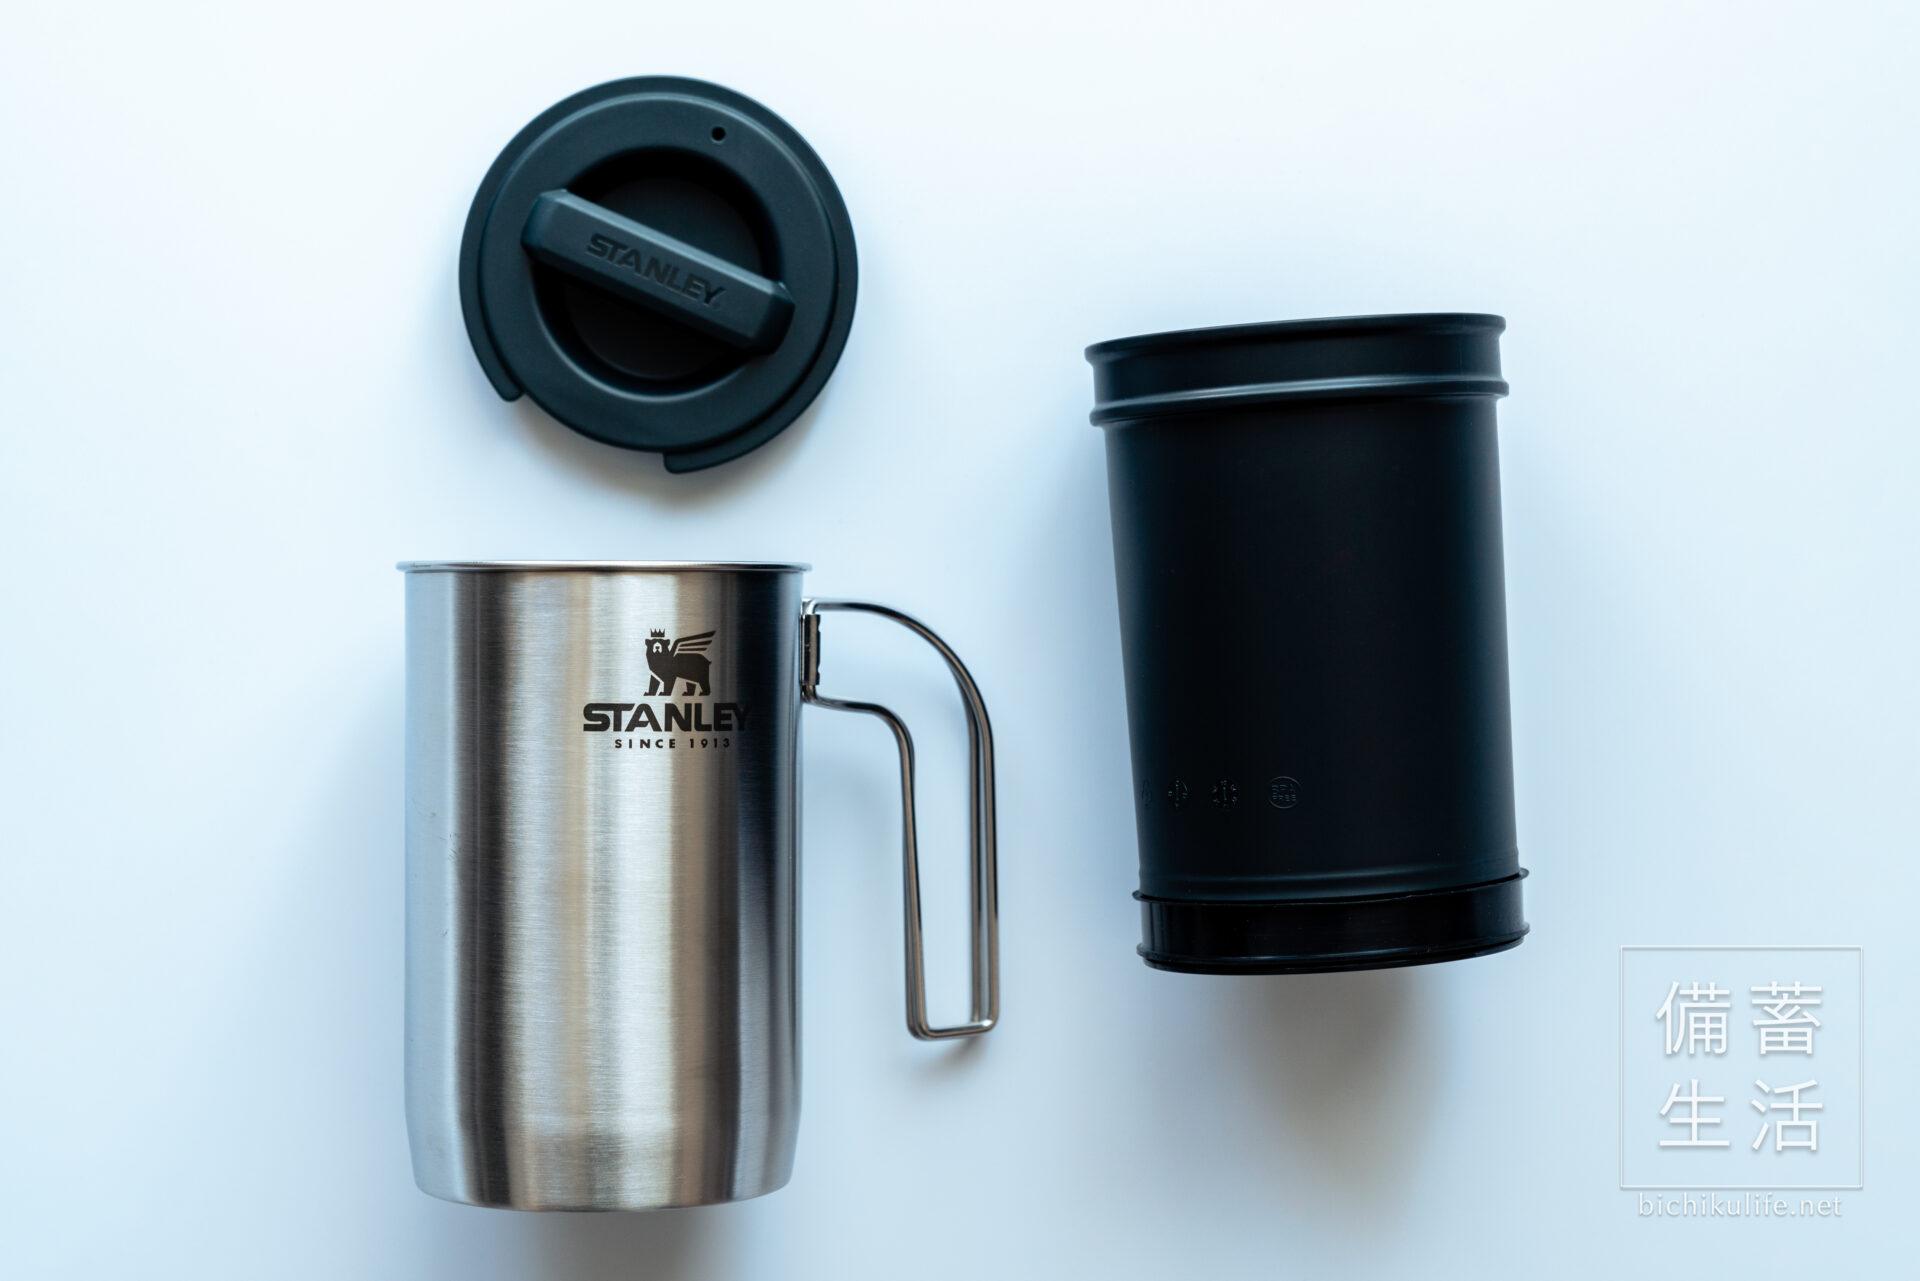 スタンレー Adventure ボイル + ブリュワー フレンチプレスコーヒーメーカー